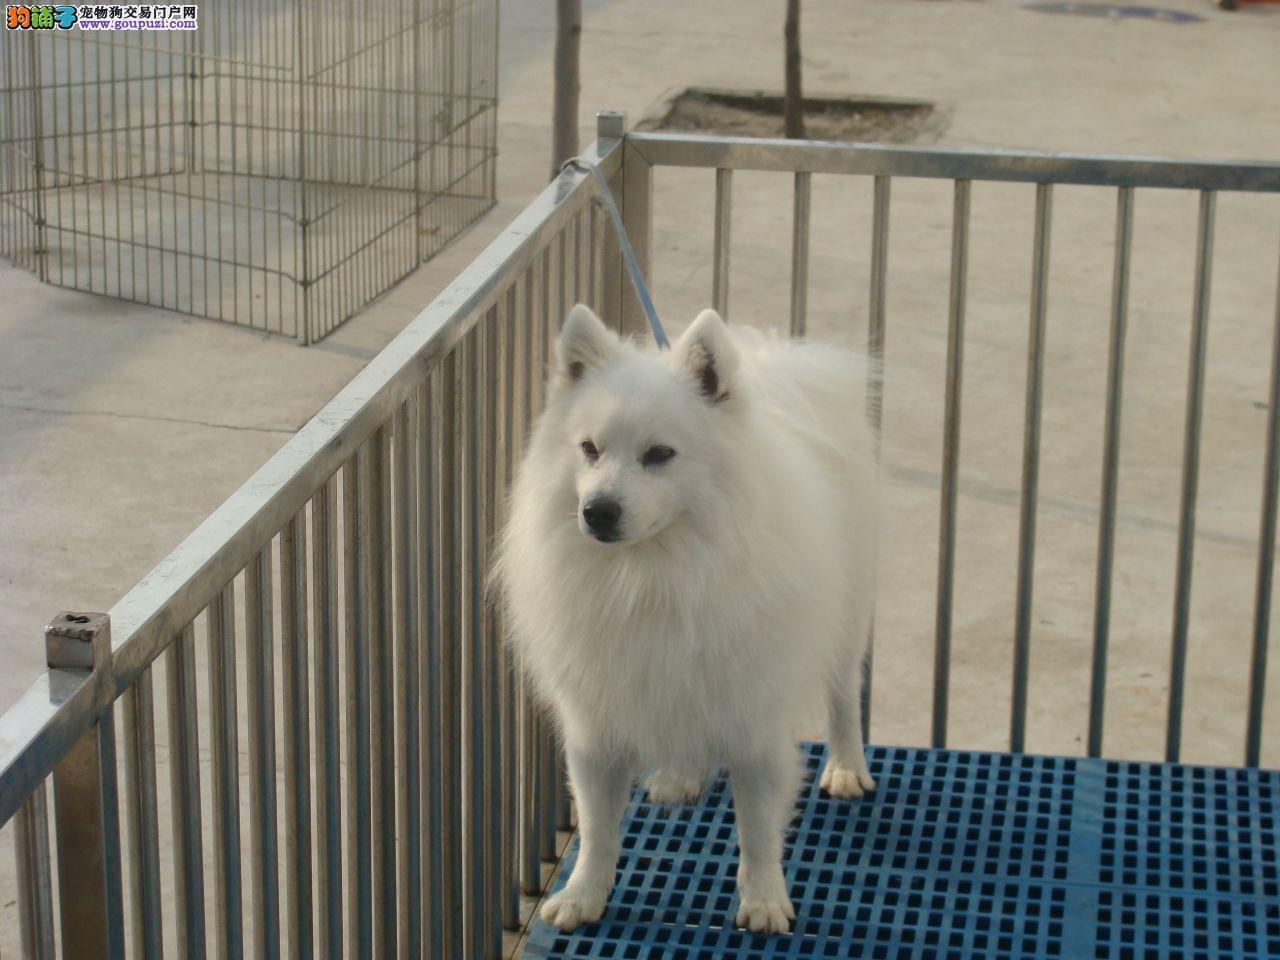 银狐犬出售 哪里出售银狐犬 银狐犬价格 哪里有卖